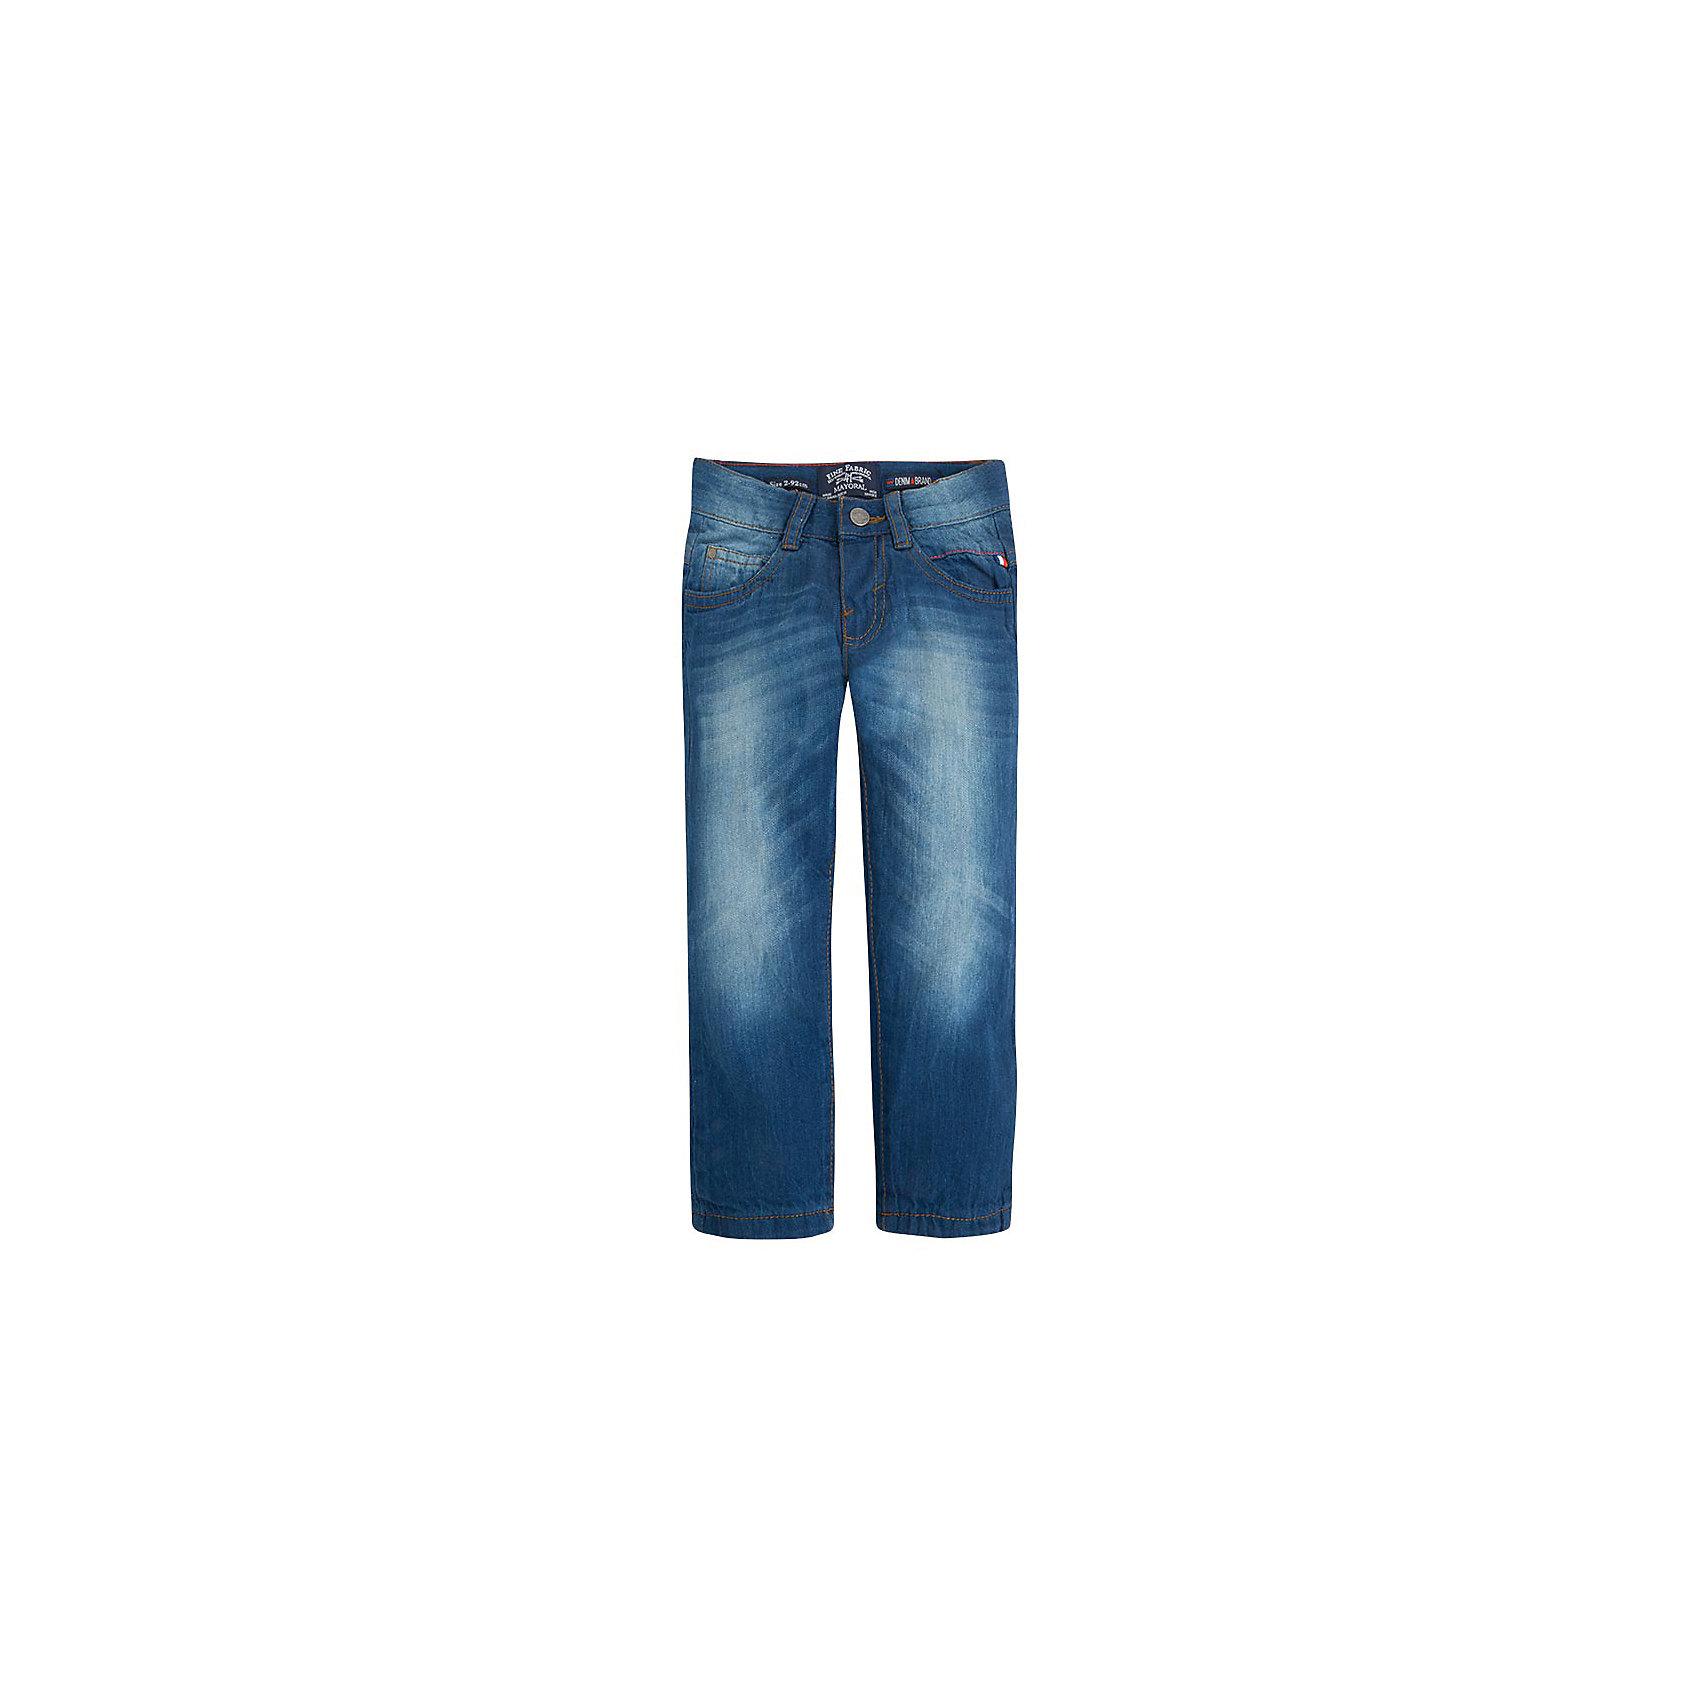 Джинсы для мальчика MayoralДжинсы для мальчика от популярной испанской марки Mayoral.<br><br>Стильные удобные брюки от известного испанского бренда Mayoral – отличный вариант универсальной одежды для ребенка. Удобный крой и качественный материал обеспечит ребенку комфорт при ношении этой вещи.<br>Модель имеет следующие особенности:<br><br>- натуральная джинсовая ткань классического синего цвета;<br>- наличие карманов, застежка - молния и пуговица;<br>- шлевки для ремня;<br>- объем талии регулируется внутренней резинкой.<br><br>Состав: 100% хлопок<br><br>Уход за изделием:<br><br>стирка в машине при температуре до 30°С,<br>не отбеливать,<br>гладить на низкой температуре.<br> <br>Габариты:<br><br>длина штанин по внутреннему шву – 56 см.<br><br>*Числовые параметры соответствуют росту 122<br><br>Джинсы для мальчика Mayoral (Майорал) можно купить в нашем магазине.<br><br>Ширина мм: 215<br>Глубина мм: 88<br>Высота мм: 191<br>Вес г: 336<br>Цвет: синий<br>Возраст от месяцев: 24<br>Возраст до месяцев: 36<br>Пол: Мужской<br>Возраст: Детский<br>Размер: 98,128,122,92,104,110,116,134<br>SKU: 4191920